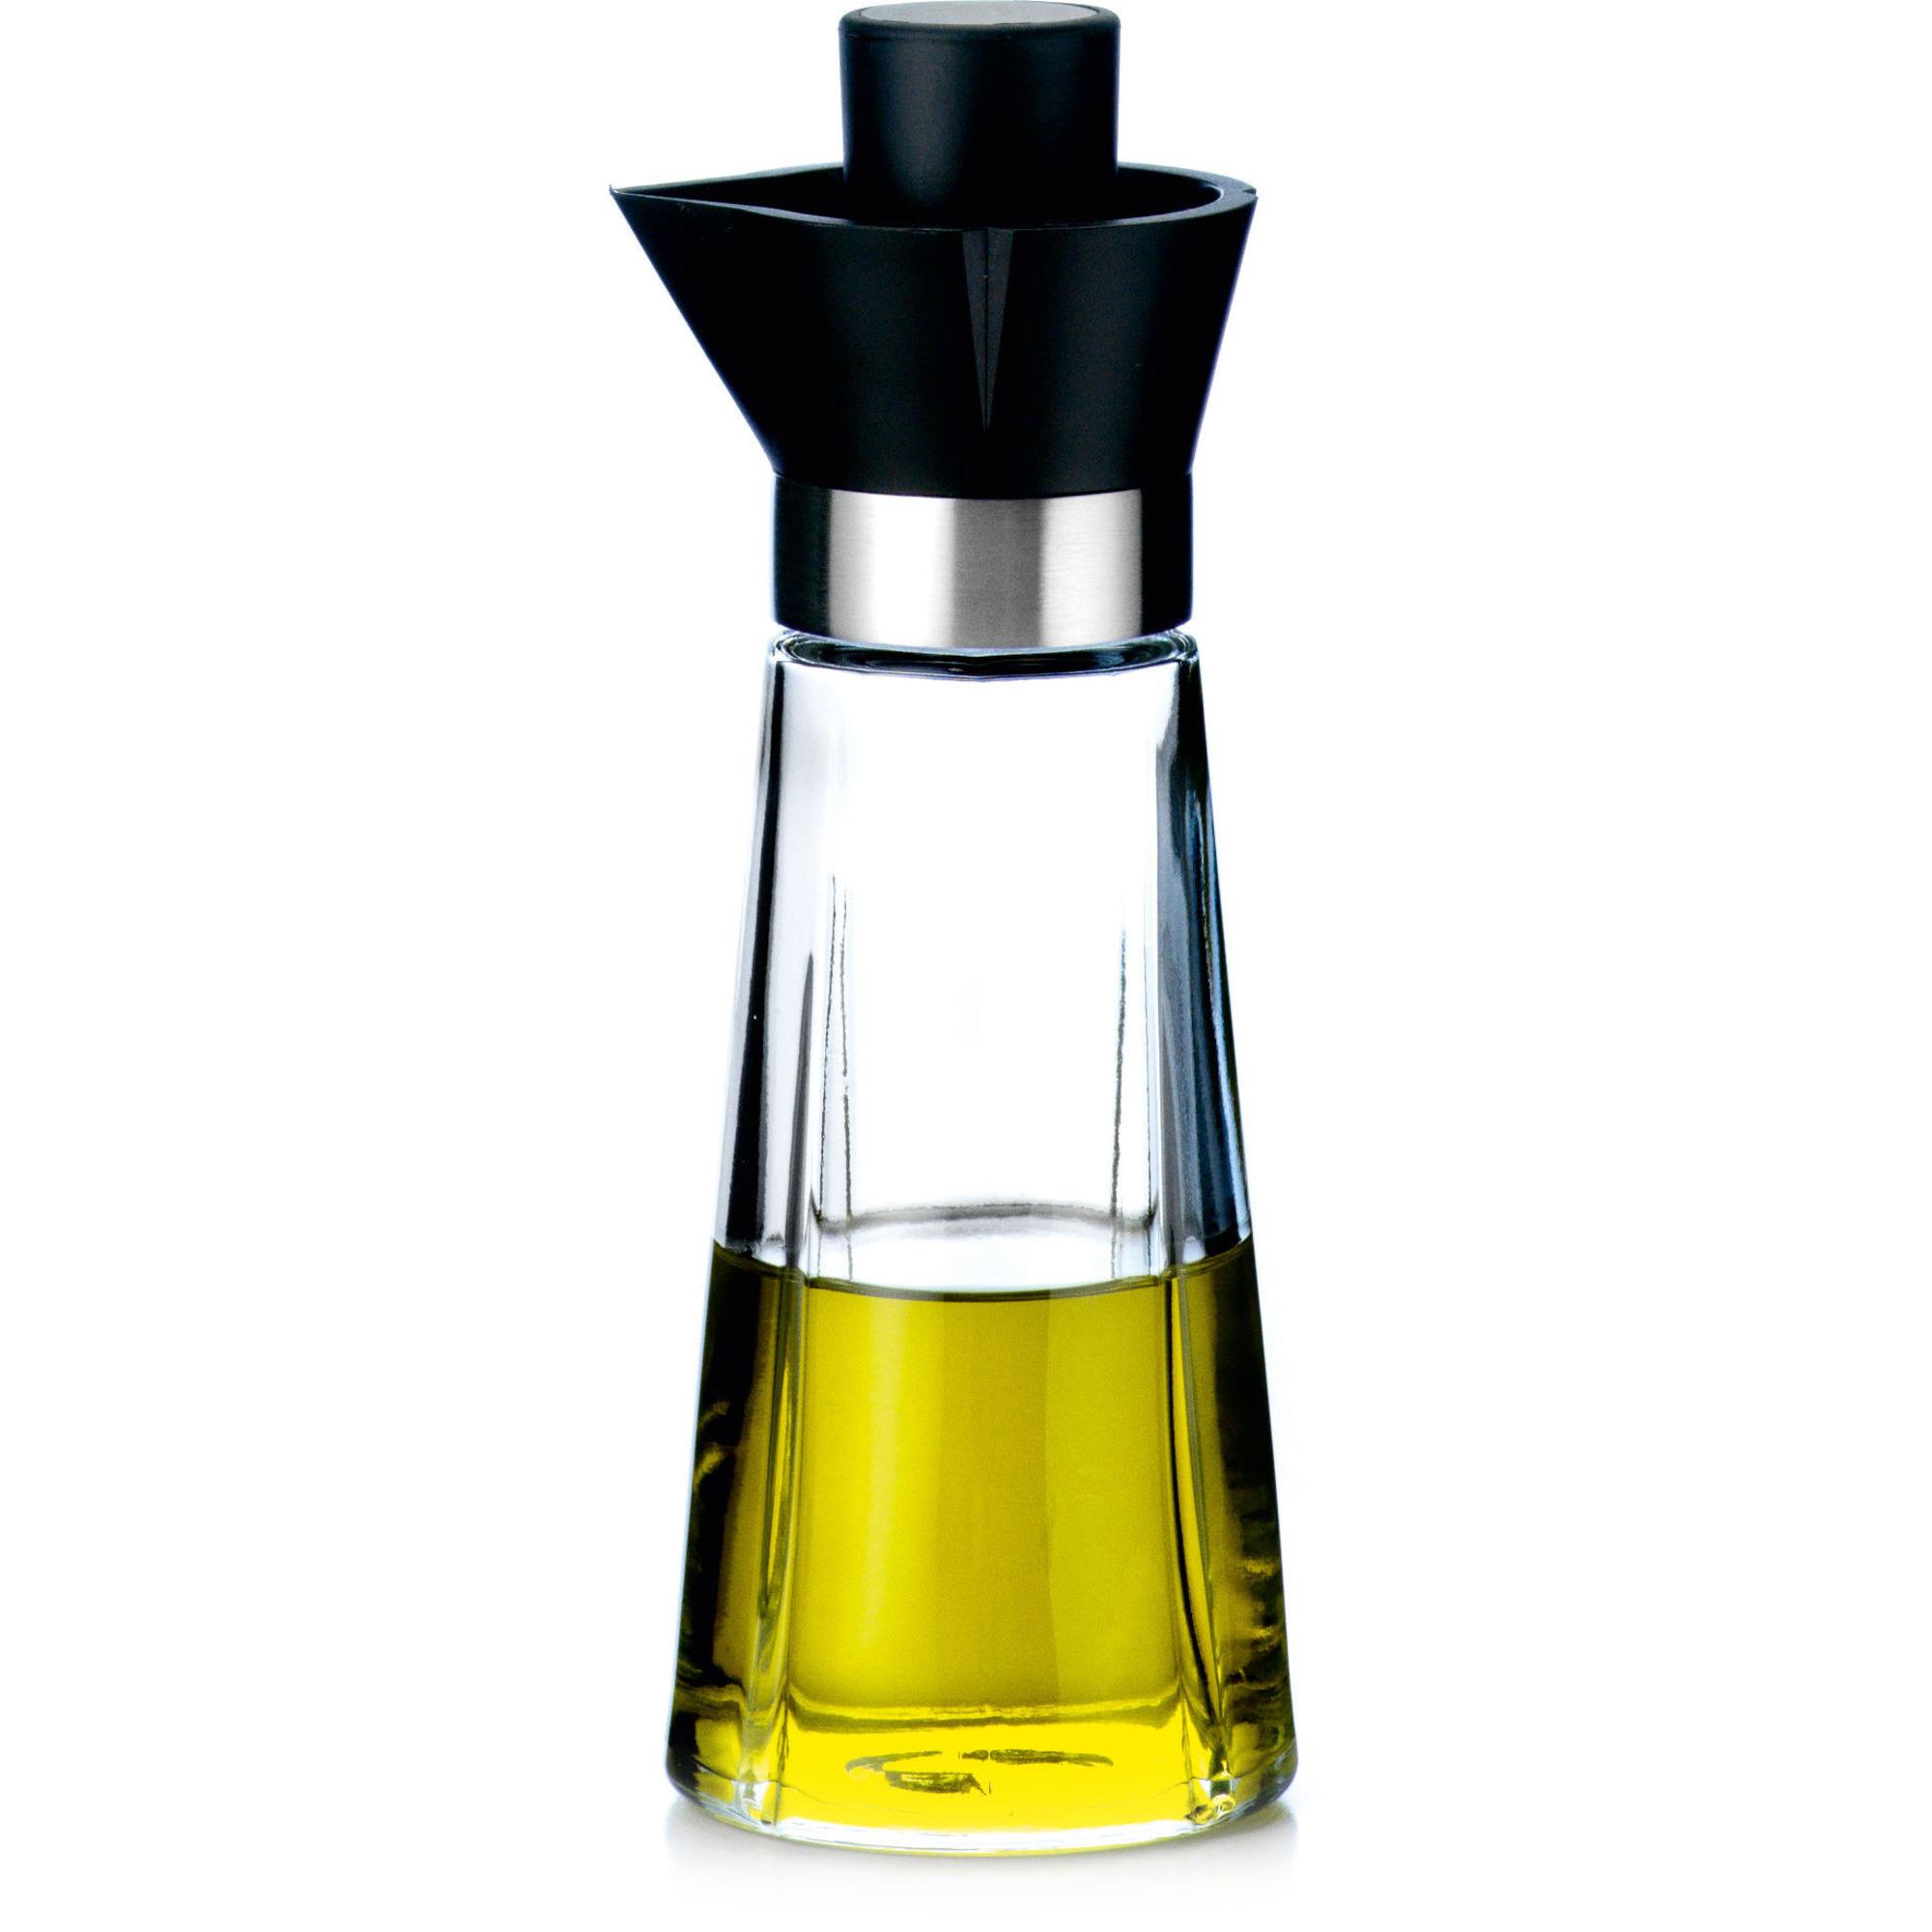 Rosendahl Grand Cru Olja-/vinägerflaska